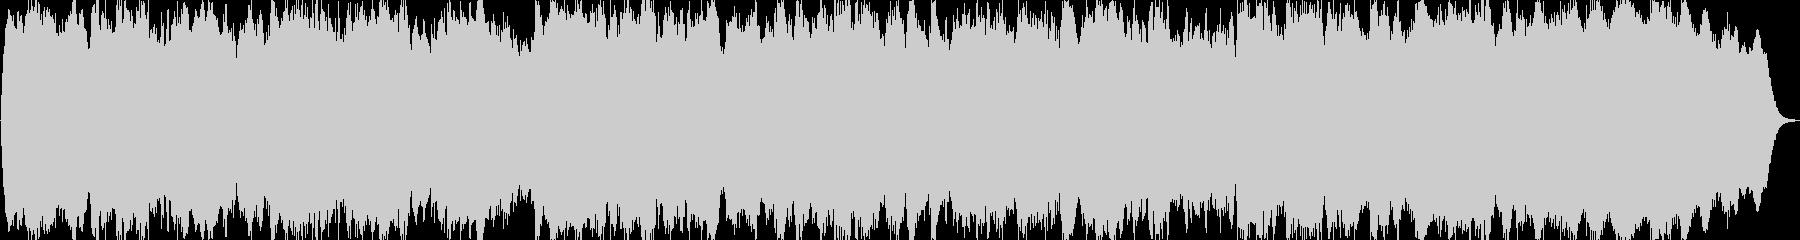 パイプオルガンの荘厳な曲ですの未再生の波形